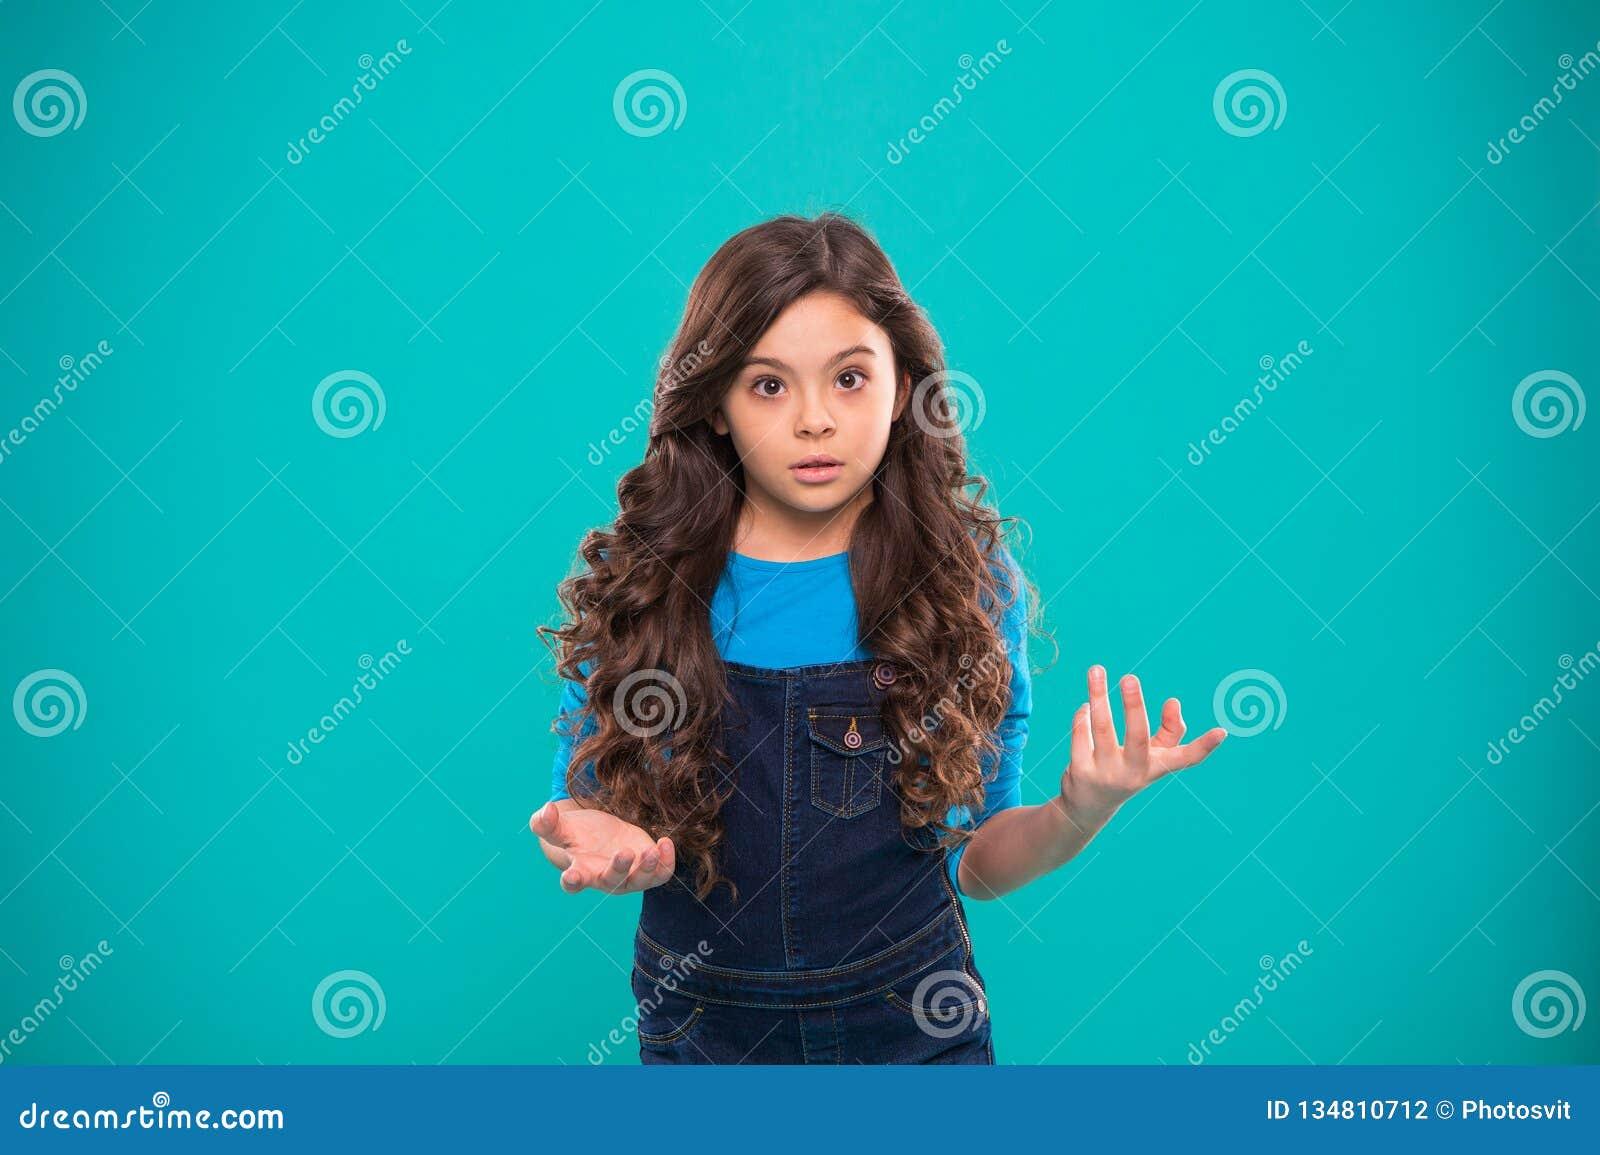 Co są wami opowiada wokoło Dzieciak oszałamiająca oszołamiająca emocja no może wierzyć ona oczy Dziewczyny fryzury kędzierzawy za